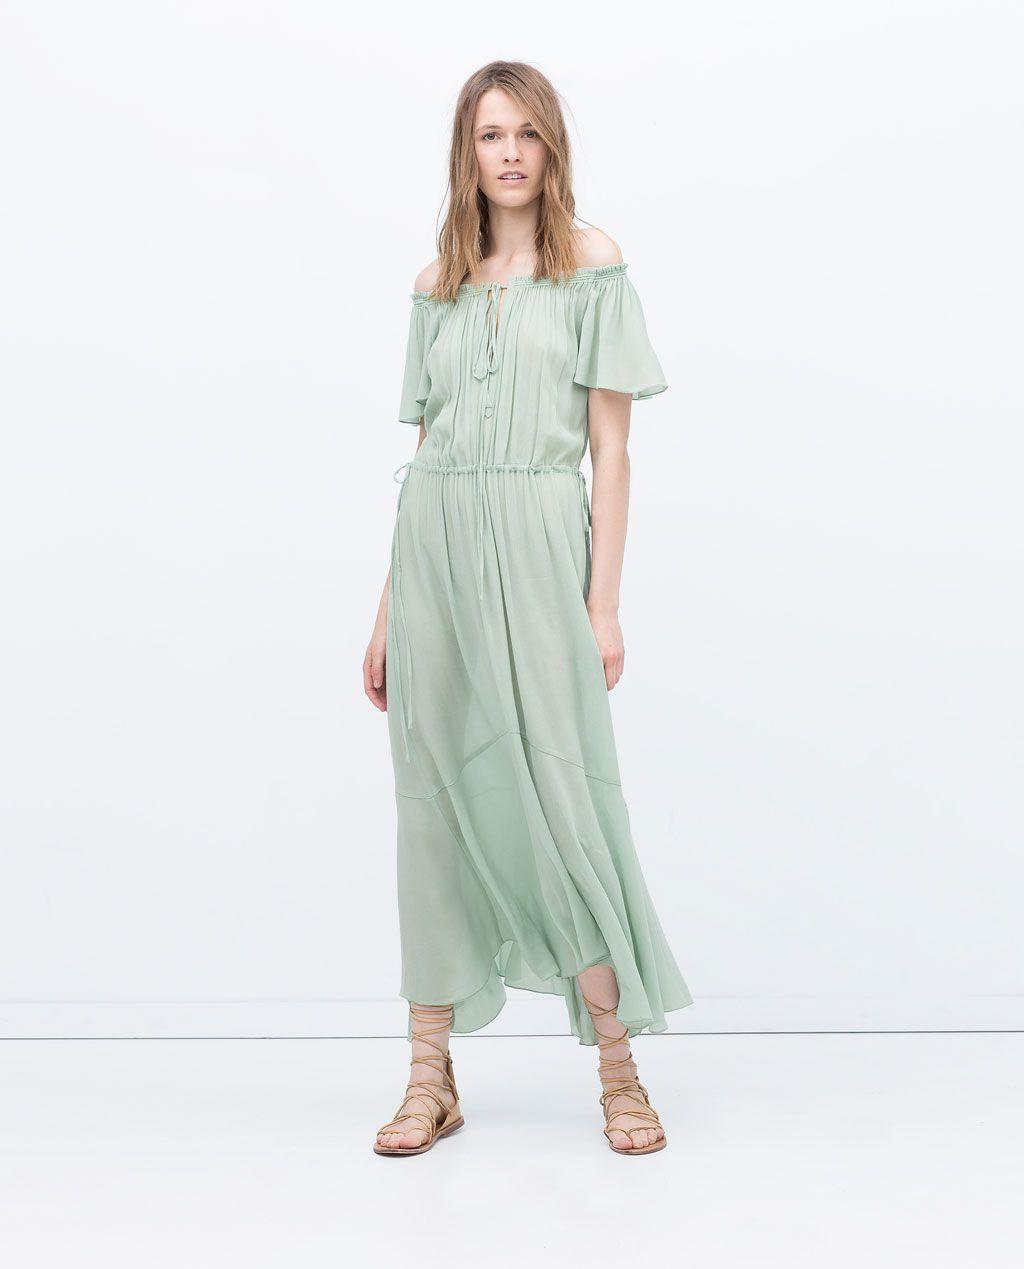 10 Schön Abendkleid Zara Stylish17 Genial Abendkleid Zara Ärmel